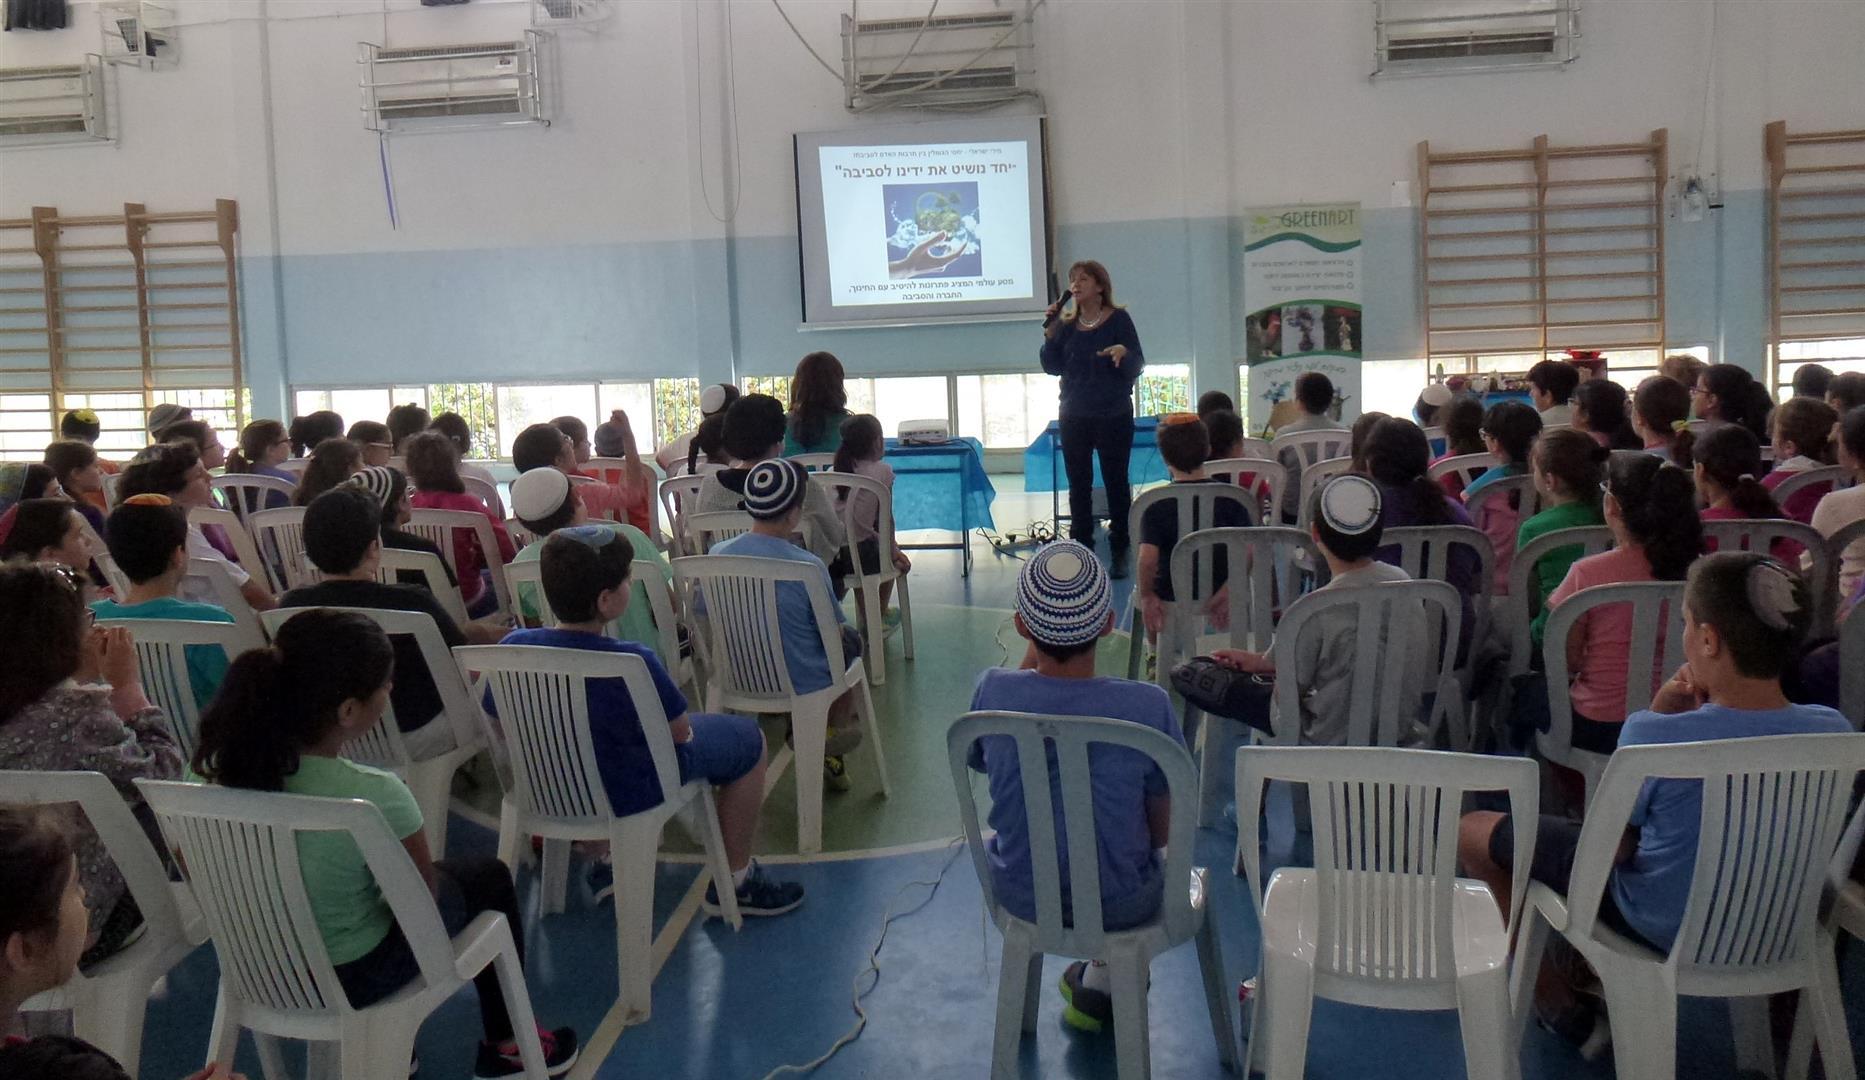 הרצאות לתלמידי בית הספר אמונים בגבעתיים בתחומי החינוך הסביבתי לתרבות וקיימות